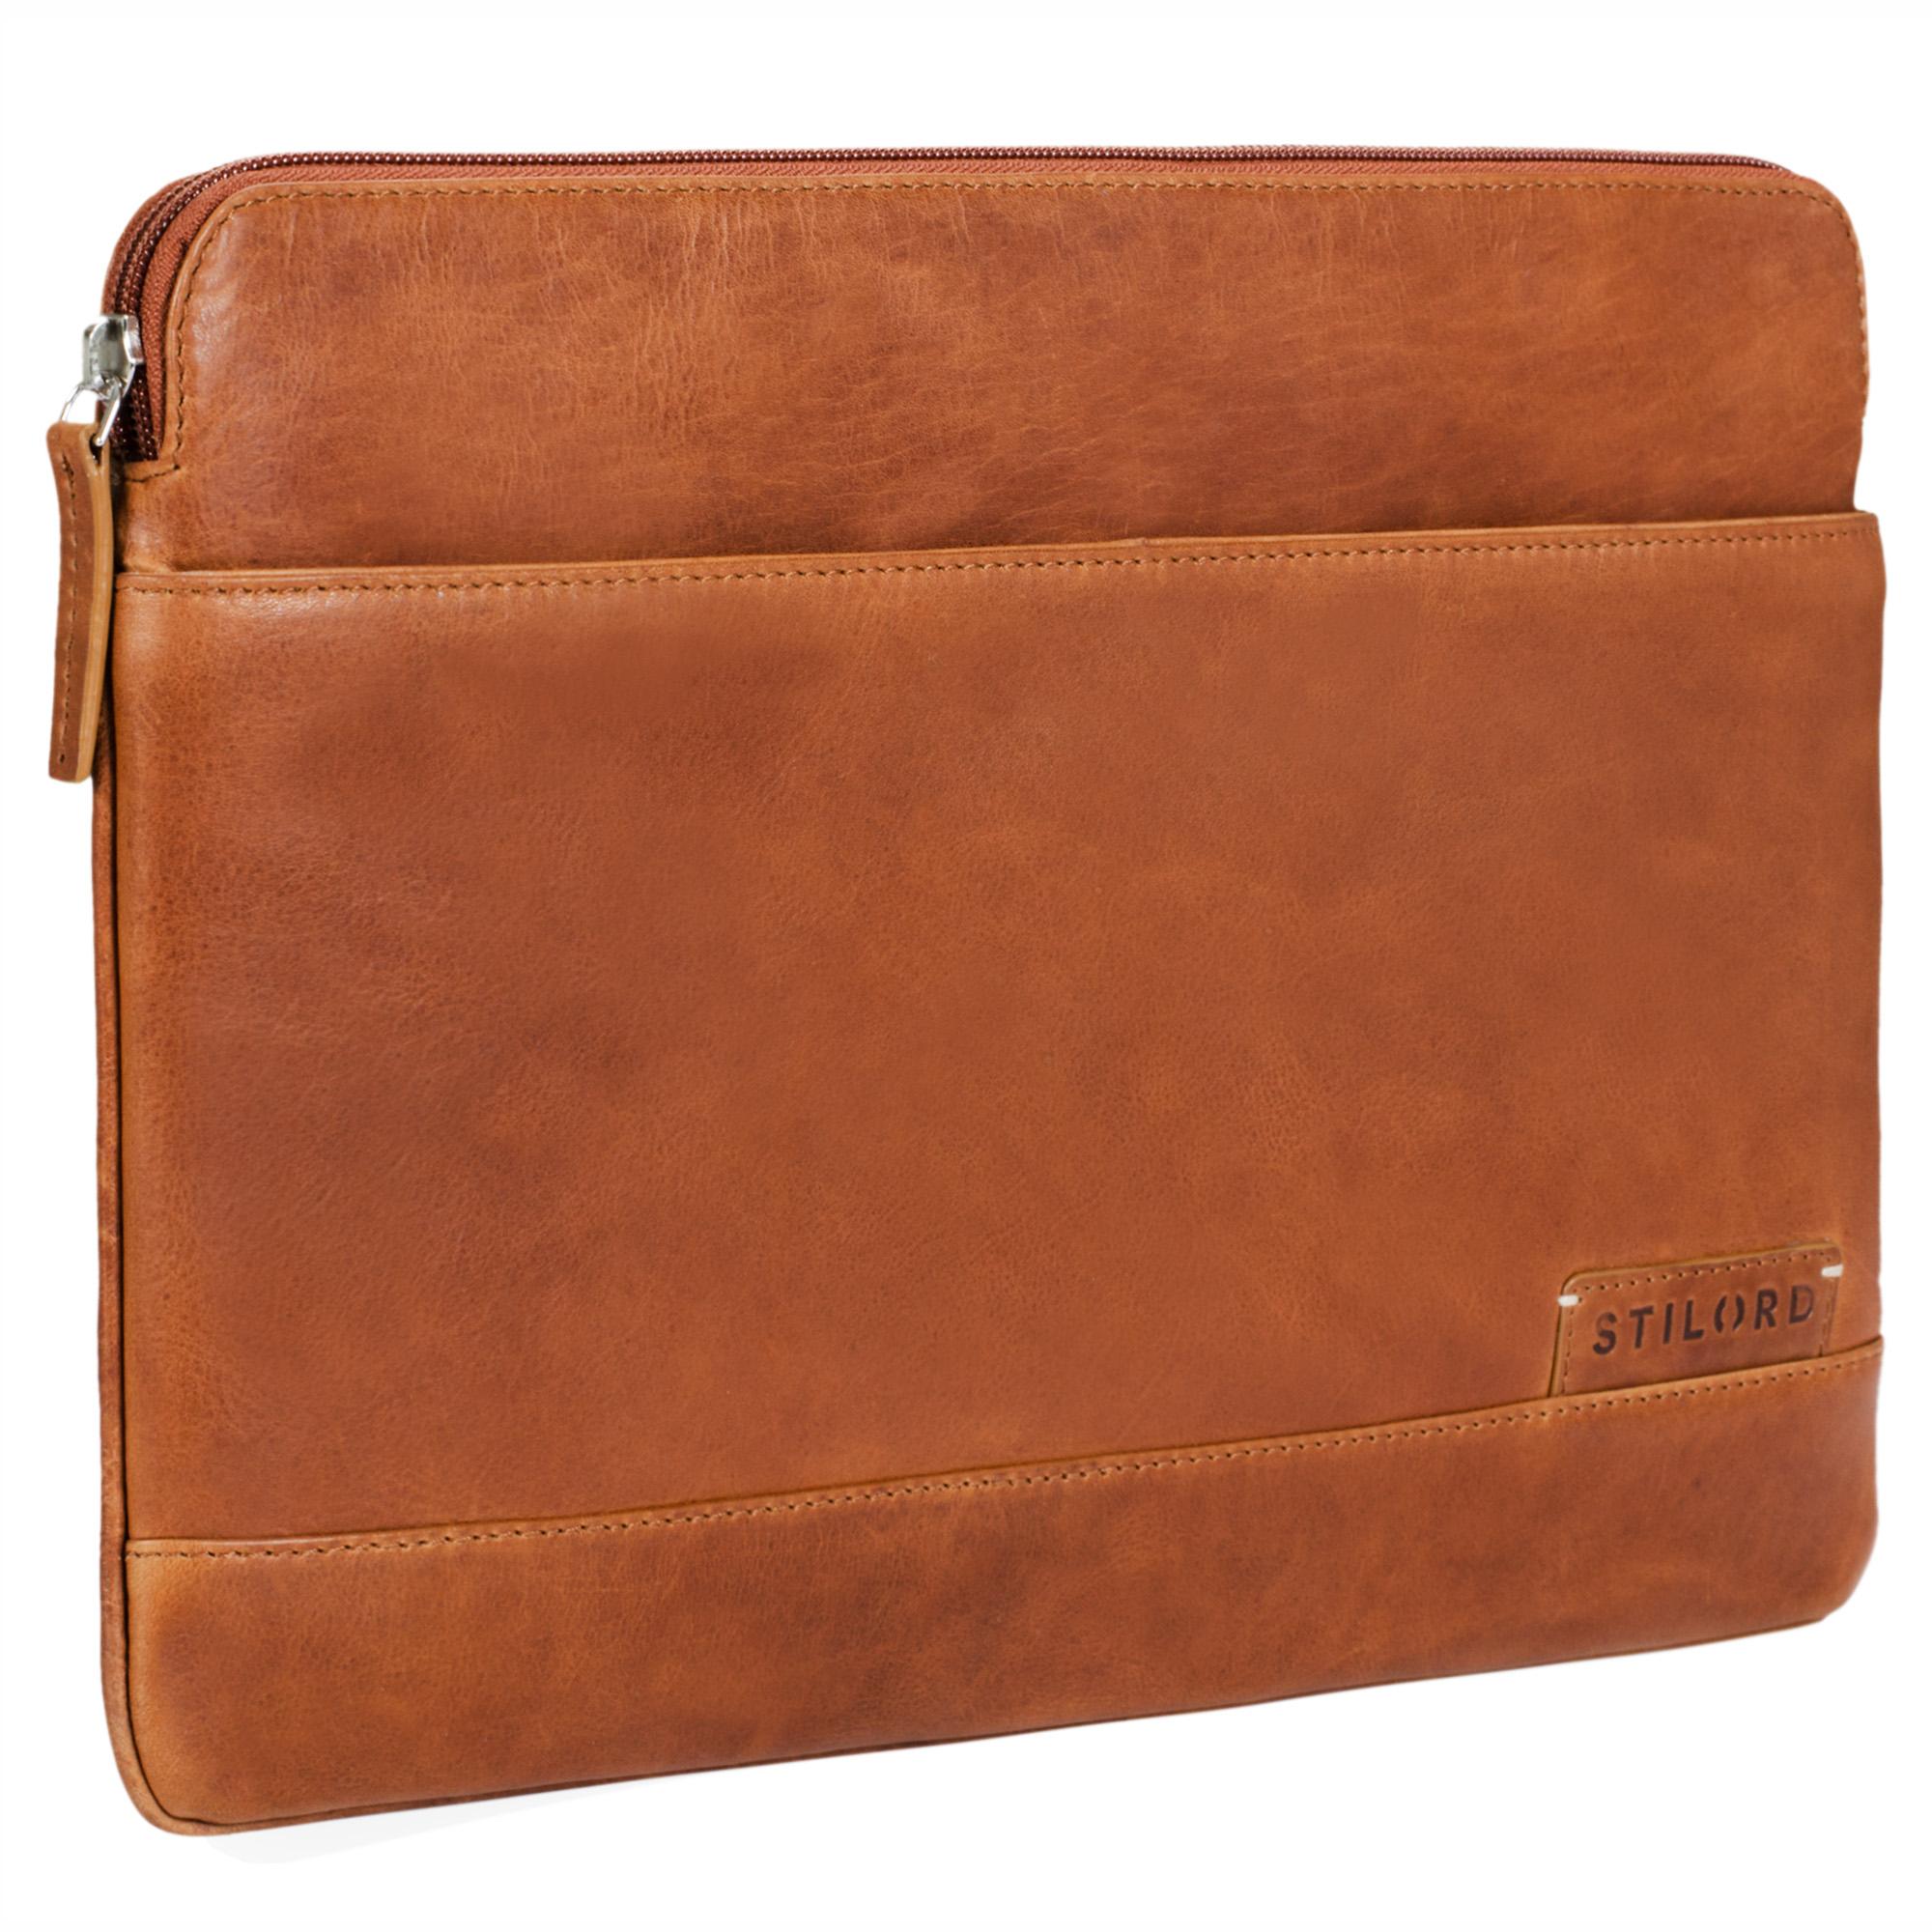 """STILORD """"Robb"""" Vintage Leder Laptoptasche für 13,3 Zoll MacBooks MacBooktasche Universal Tablettasche bis 14 Zoll DIN A4 echtes Rindsleder - Bild 8"""